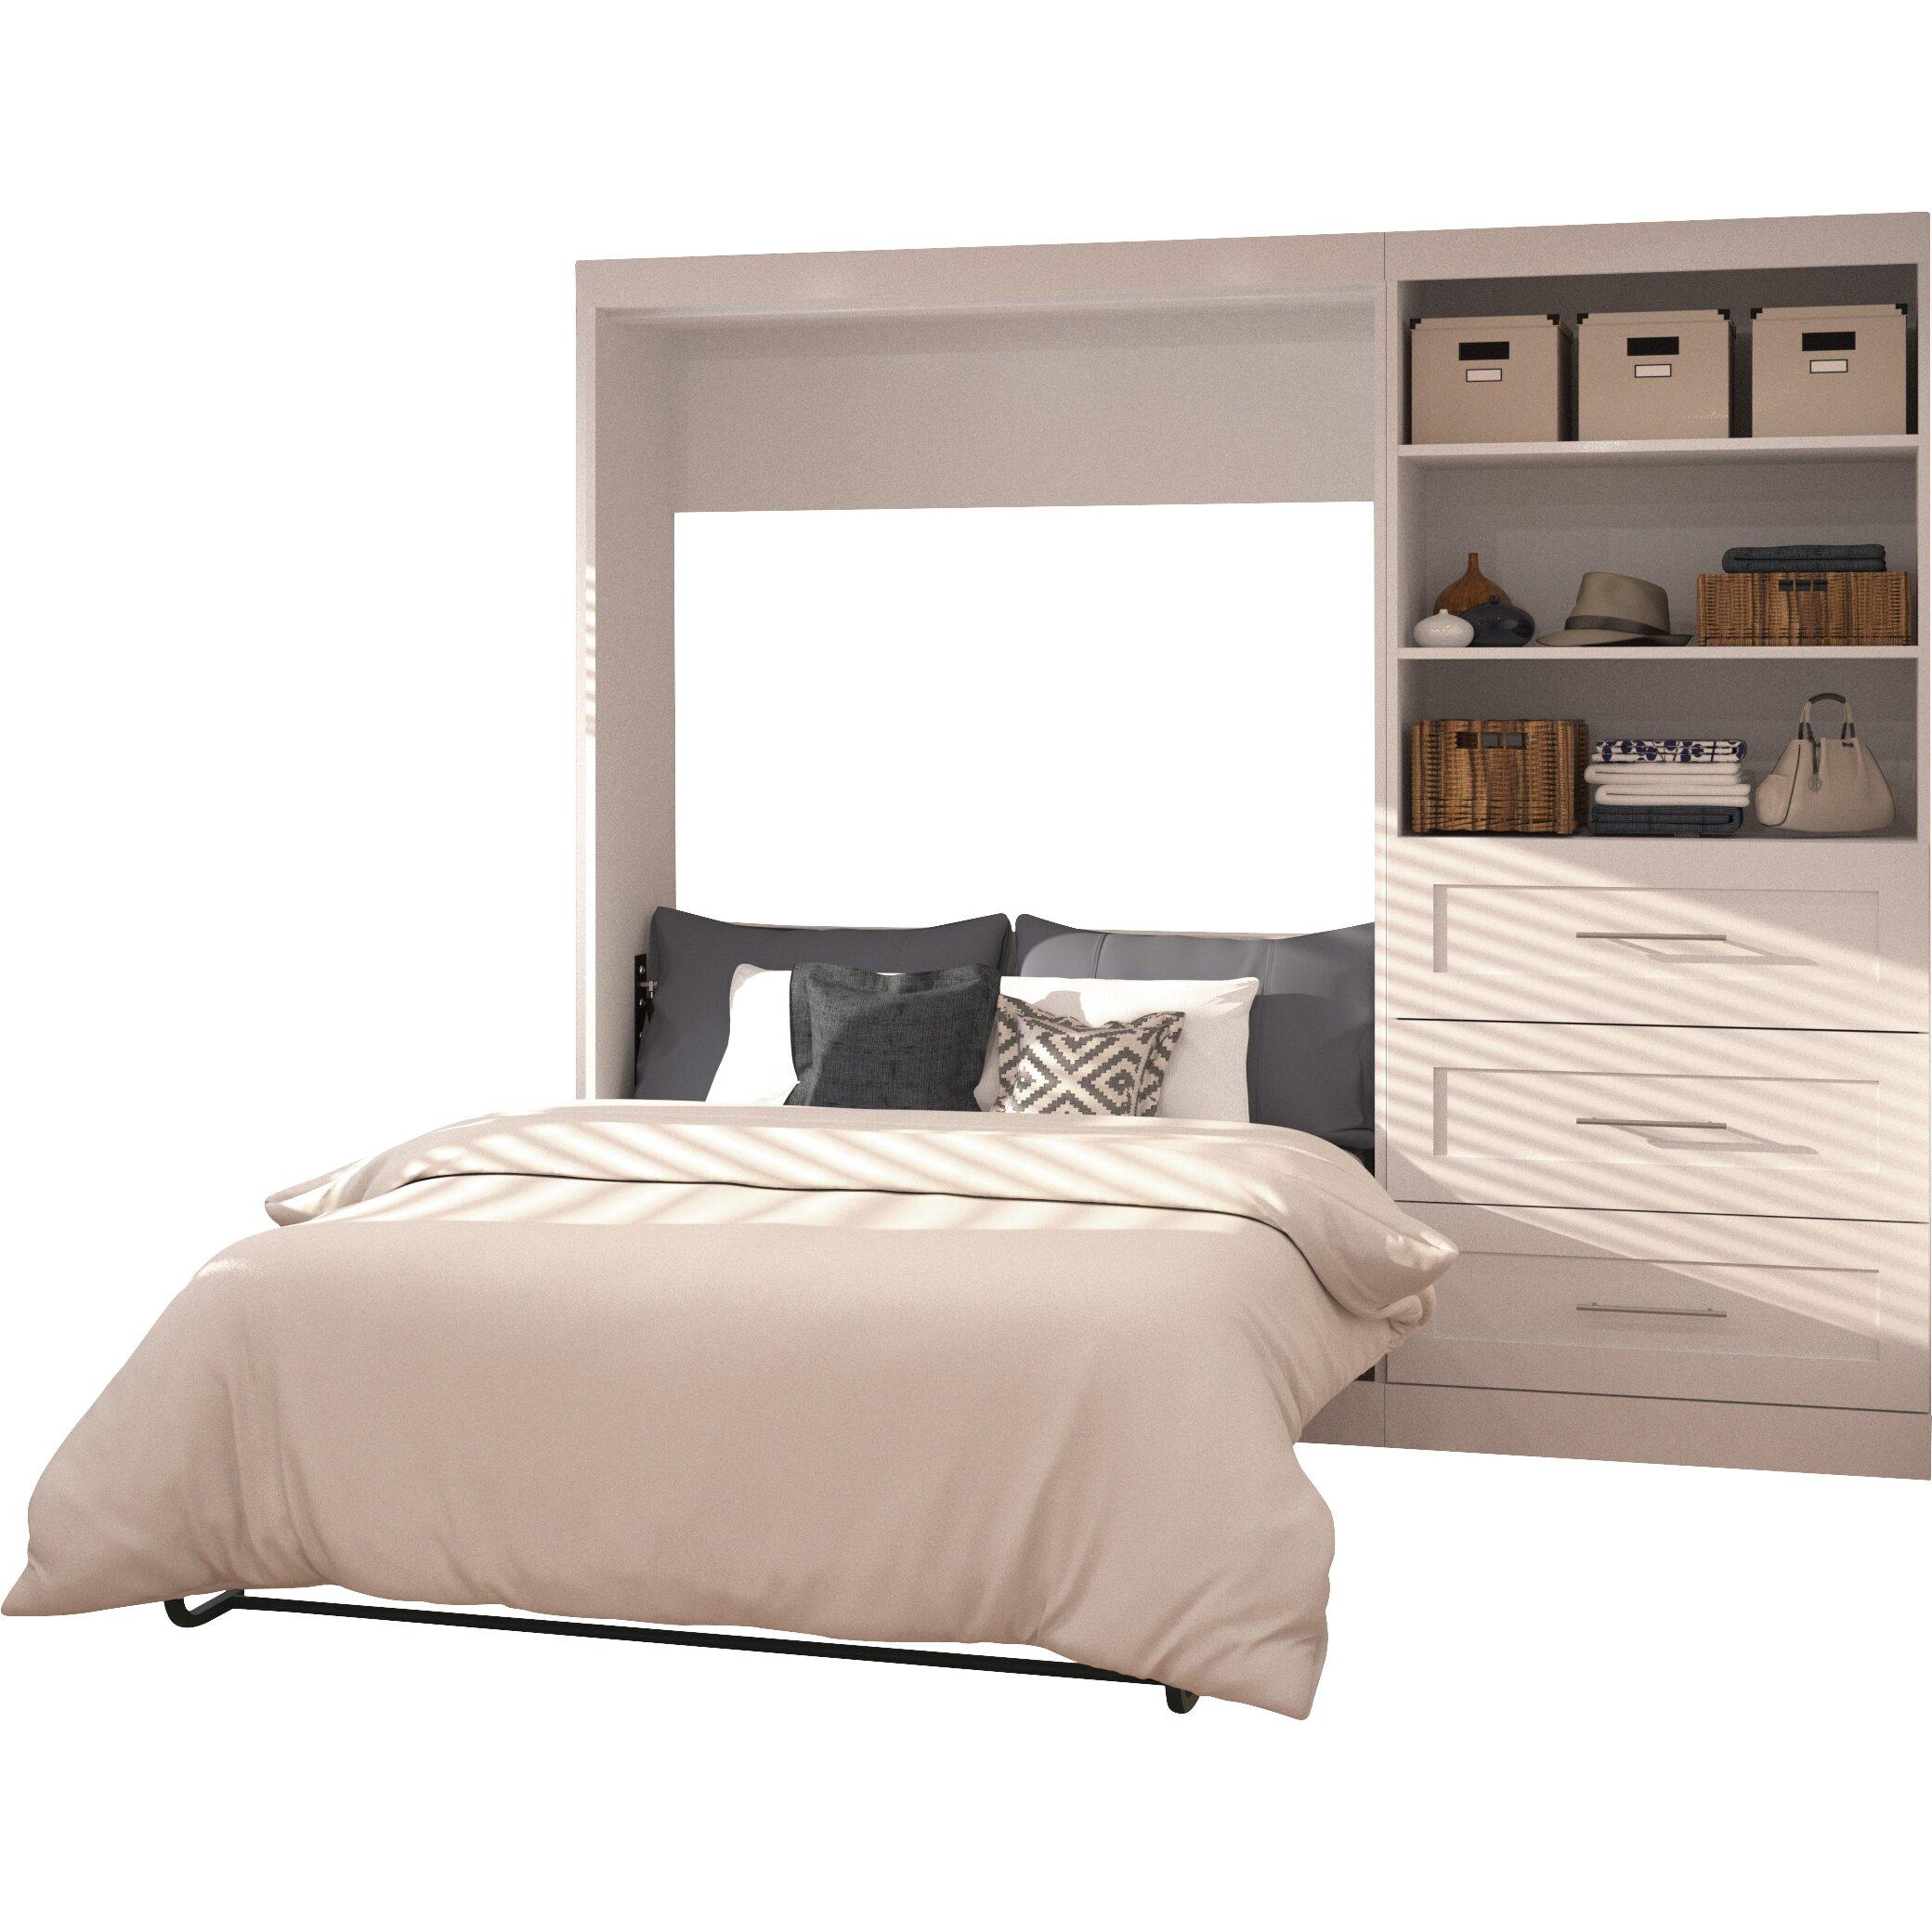 brayden studio walley full double murphy bed reviews wayfair. Black Bedroom Furniture Sets. Home Design Ideas